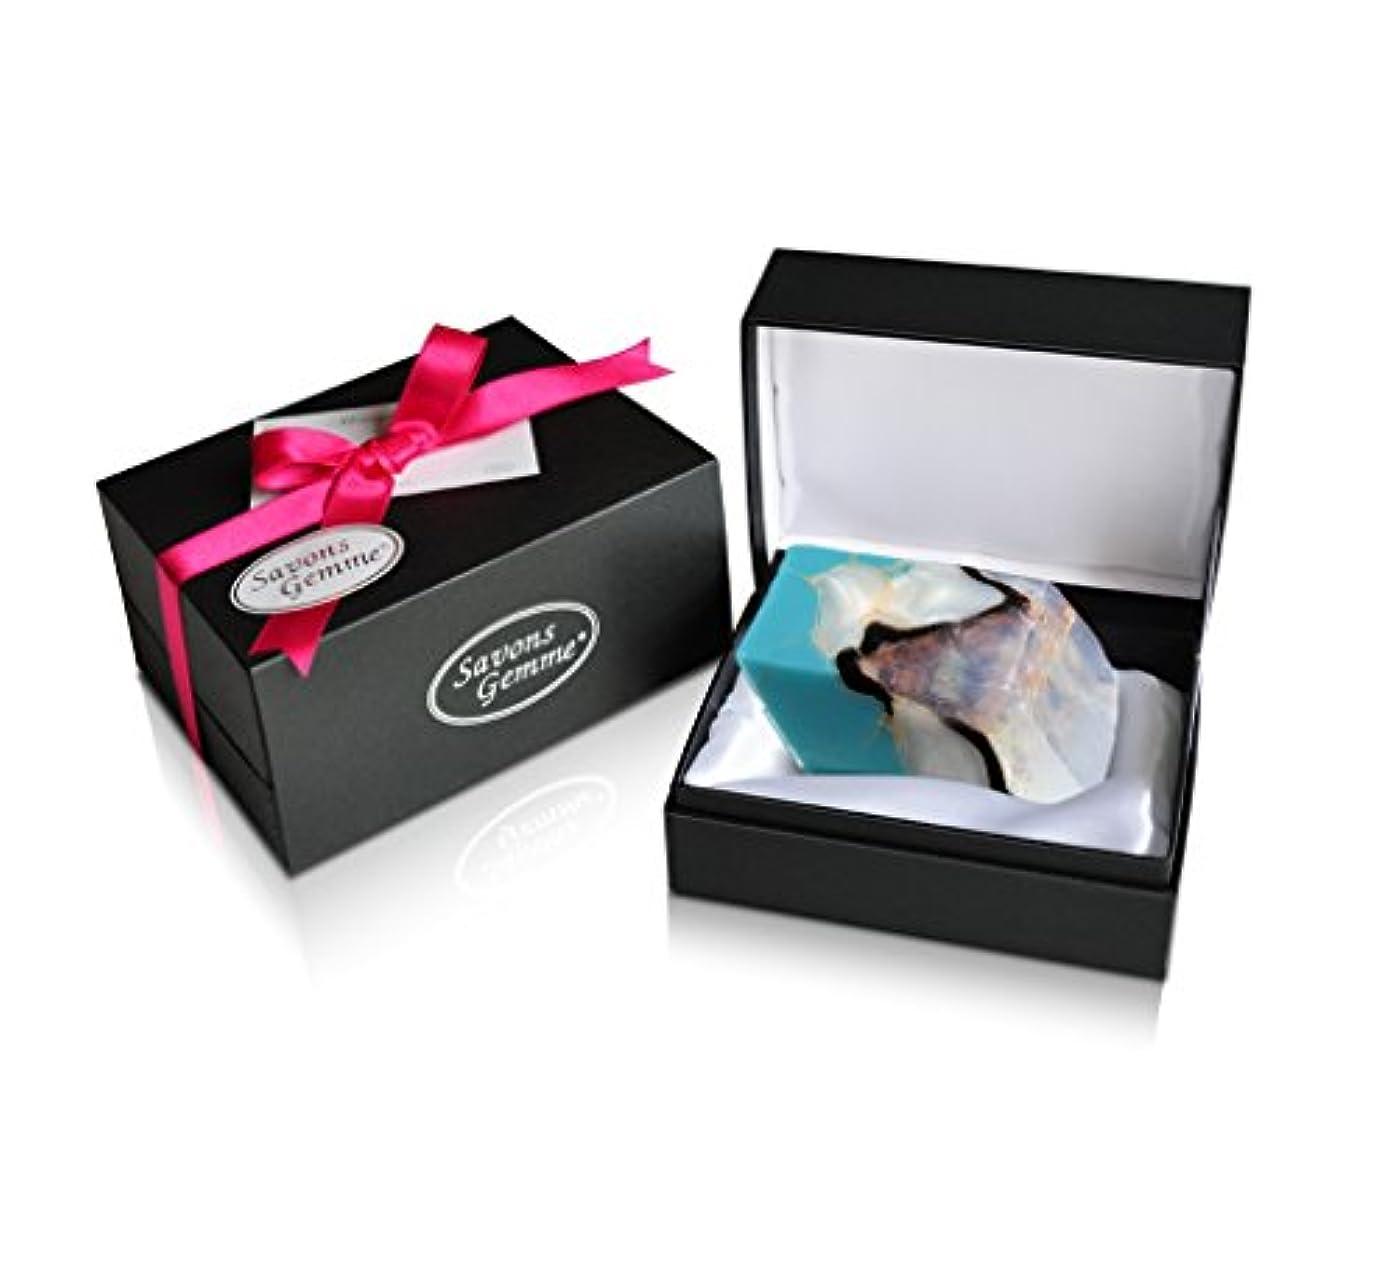 商人叙情的なサリーSavons Gemme サボンジェム ジュエリーギフトボックス 世界で一番美しい宝石石鹸 フレグランス ソープ ターコイズ 170g